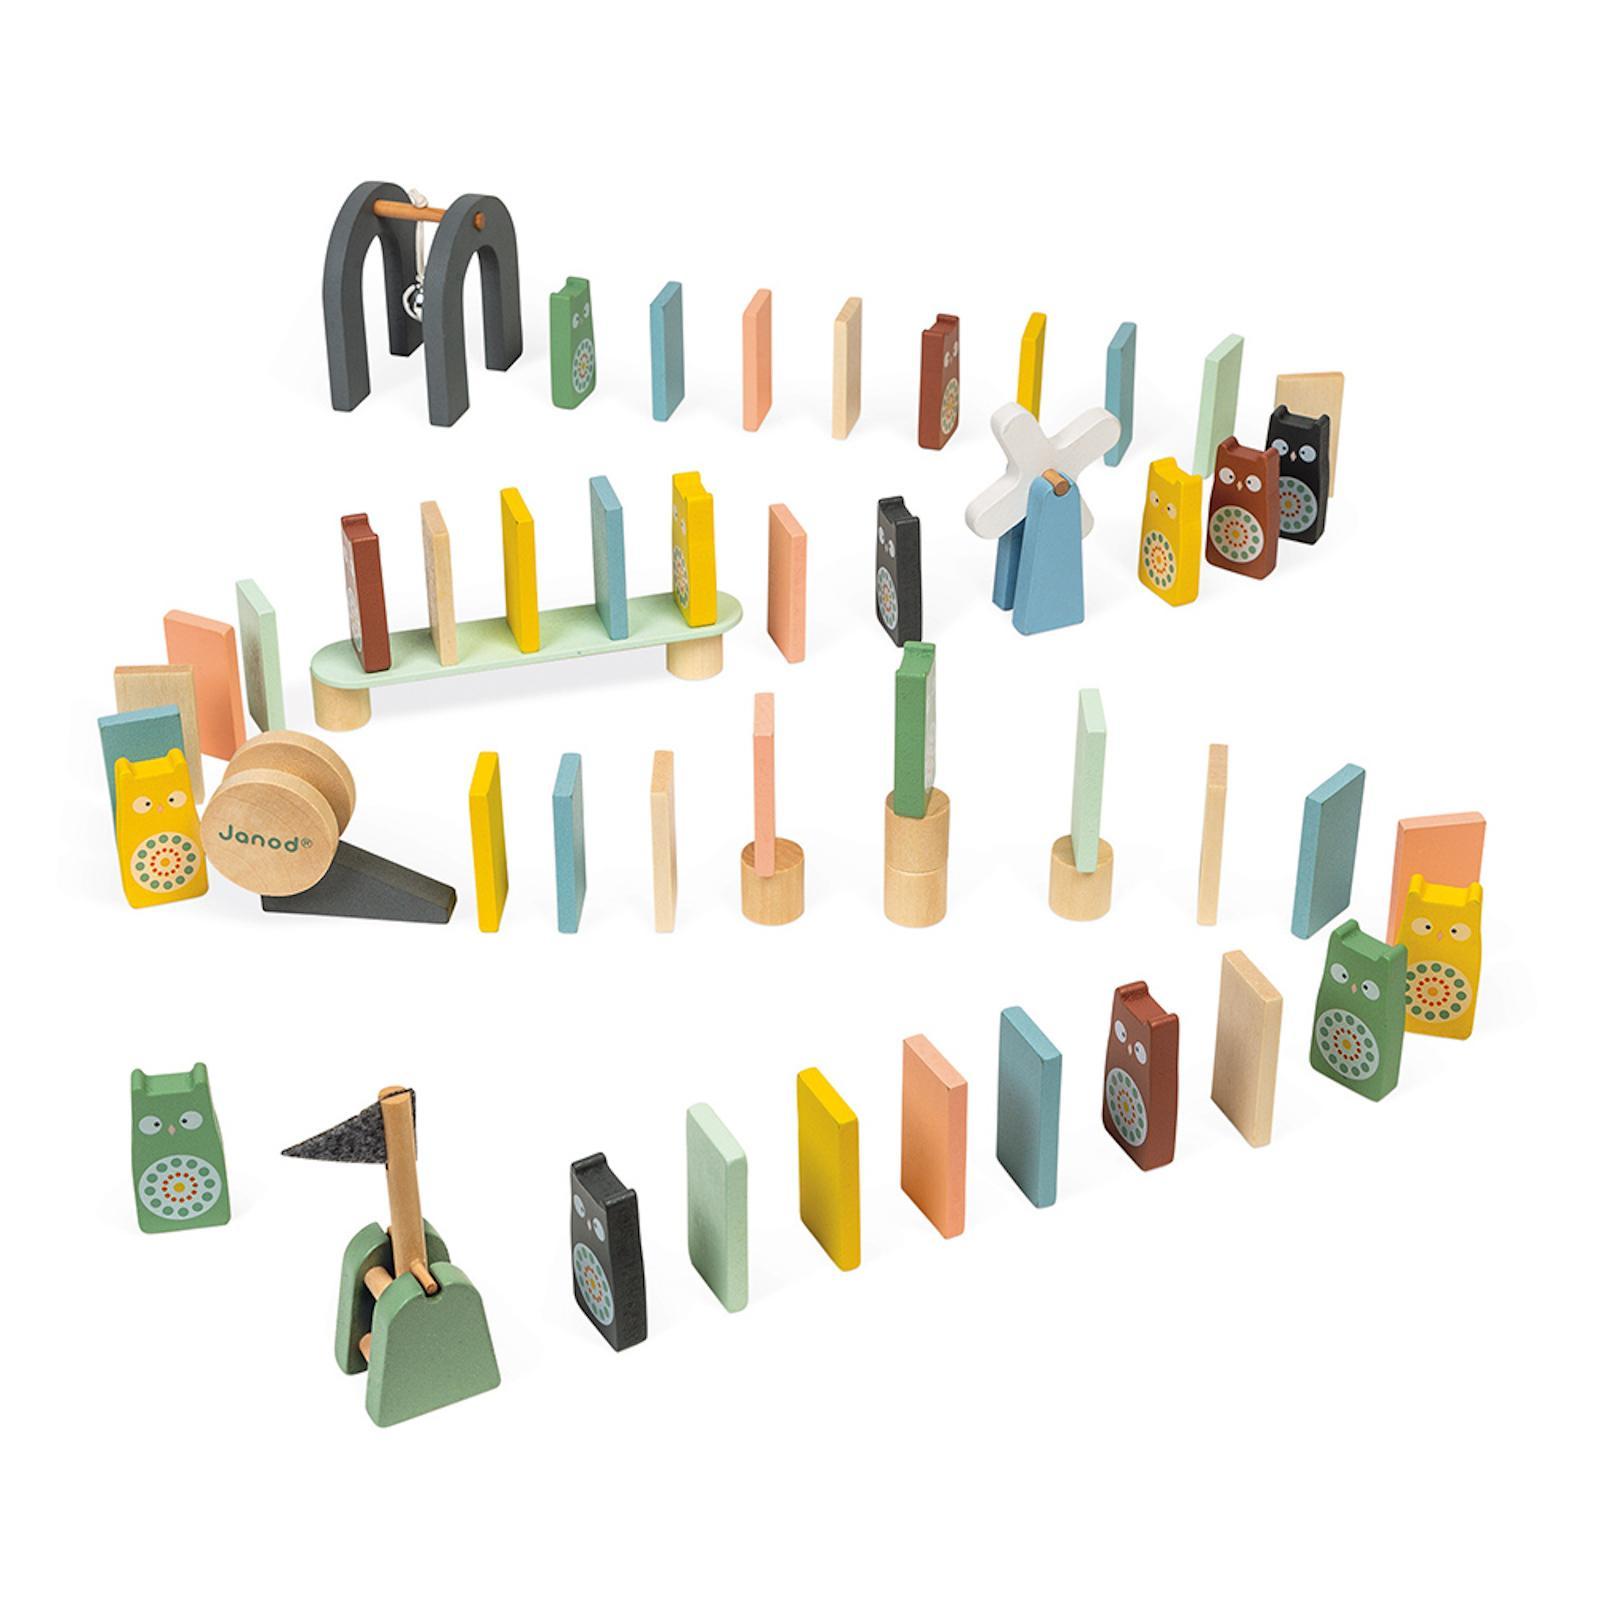 Janod Sweet Cocoon Dřevěné kostky Padající domino 100 ks, stavebnice od 3 let 100 kostek